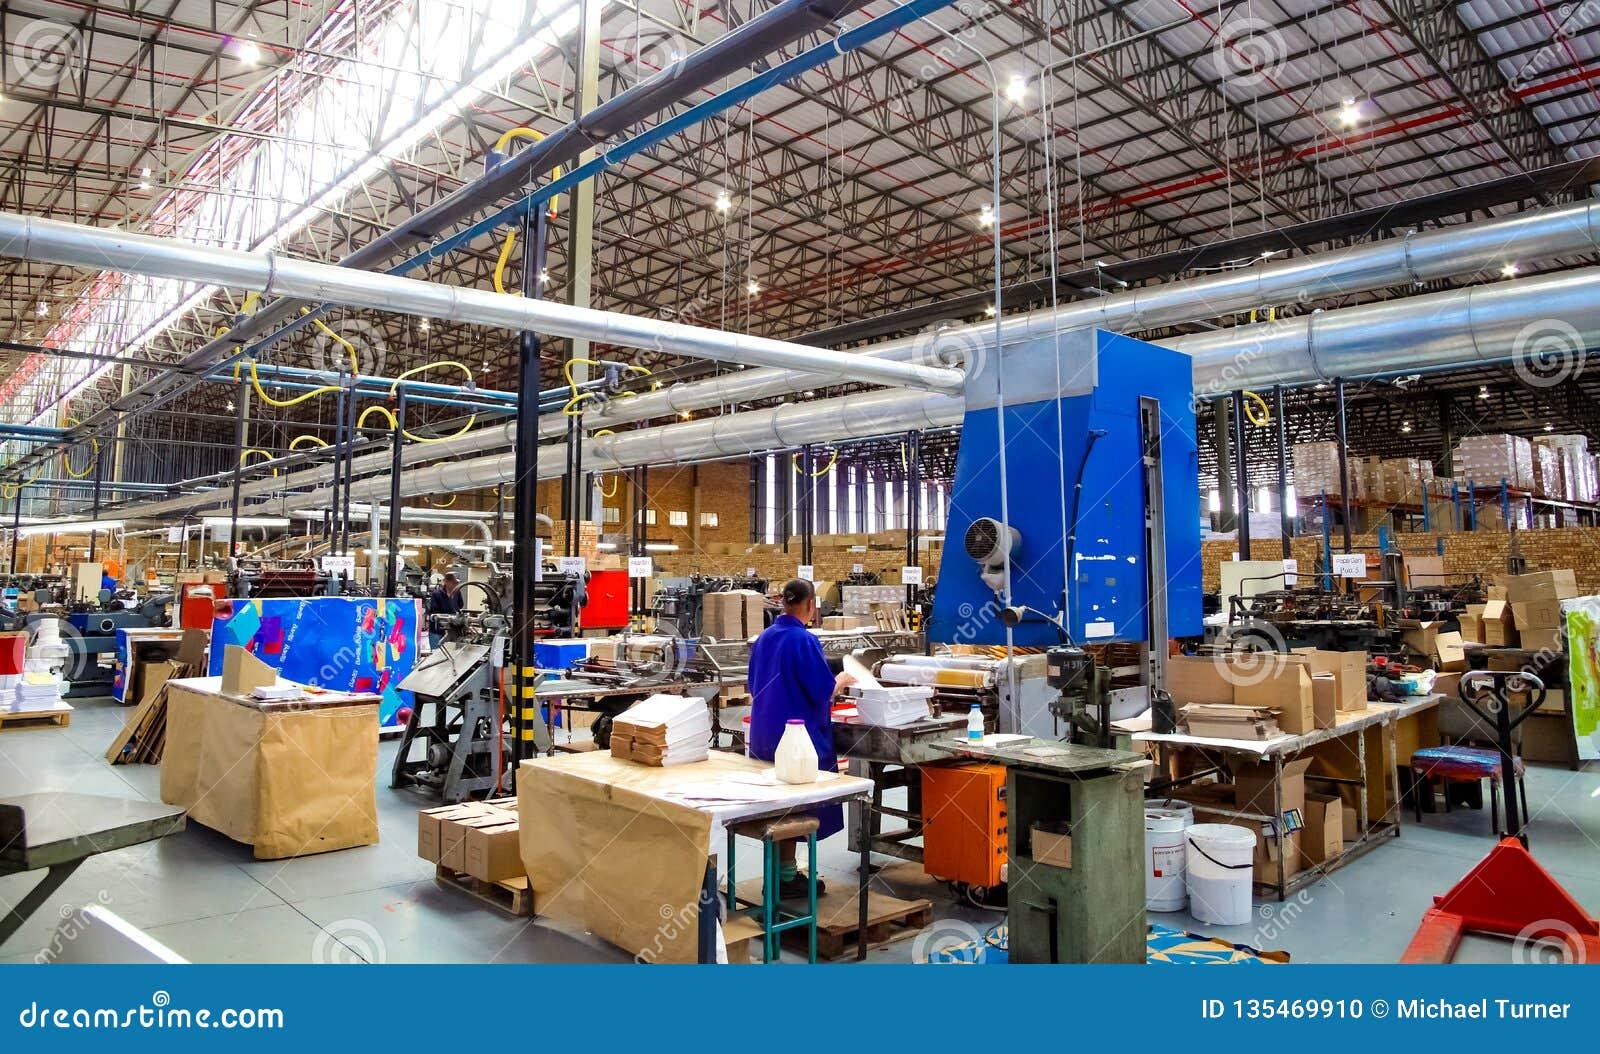 在打印和包装工厂里面设施